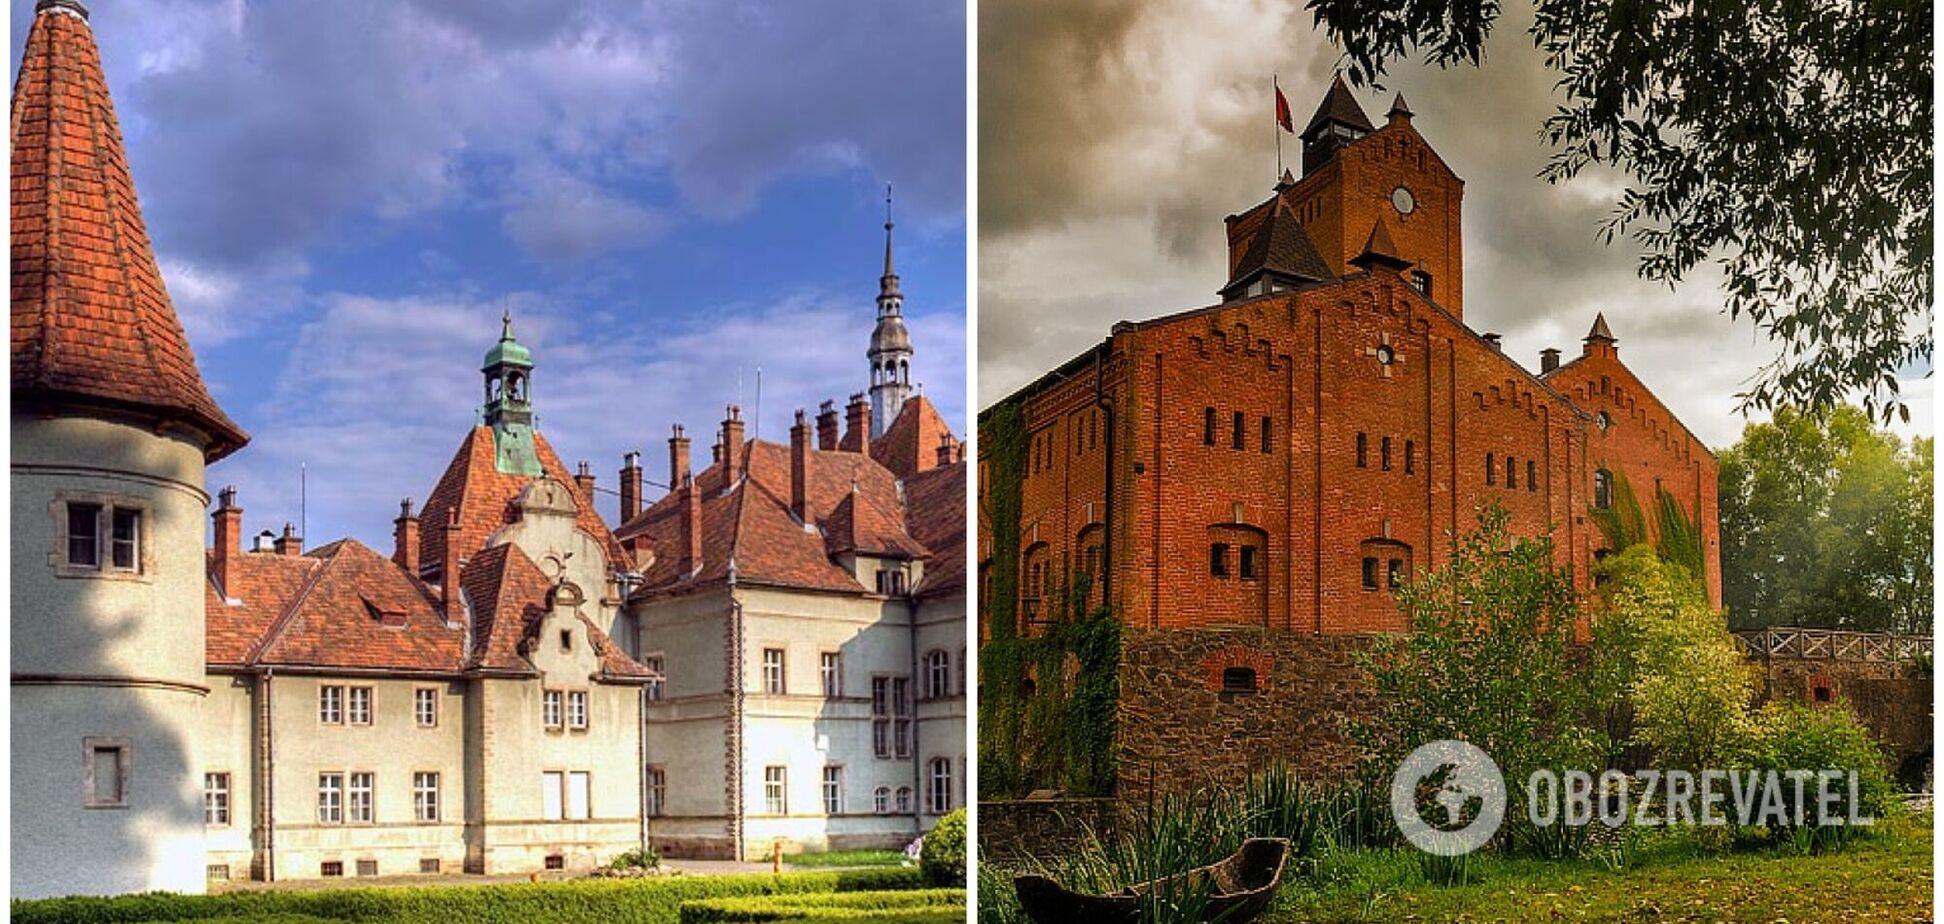 Топ-5 роскошных дворцов в Украине, которые можно снять на сутки и дольше. Фото